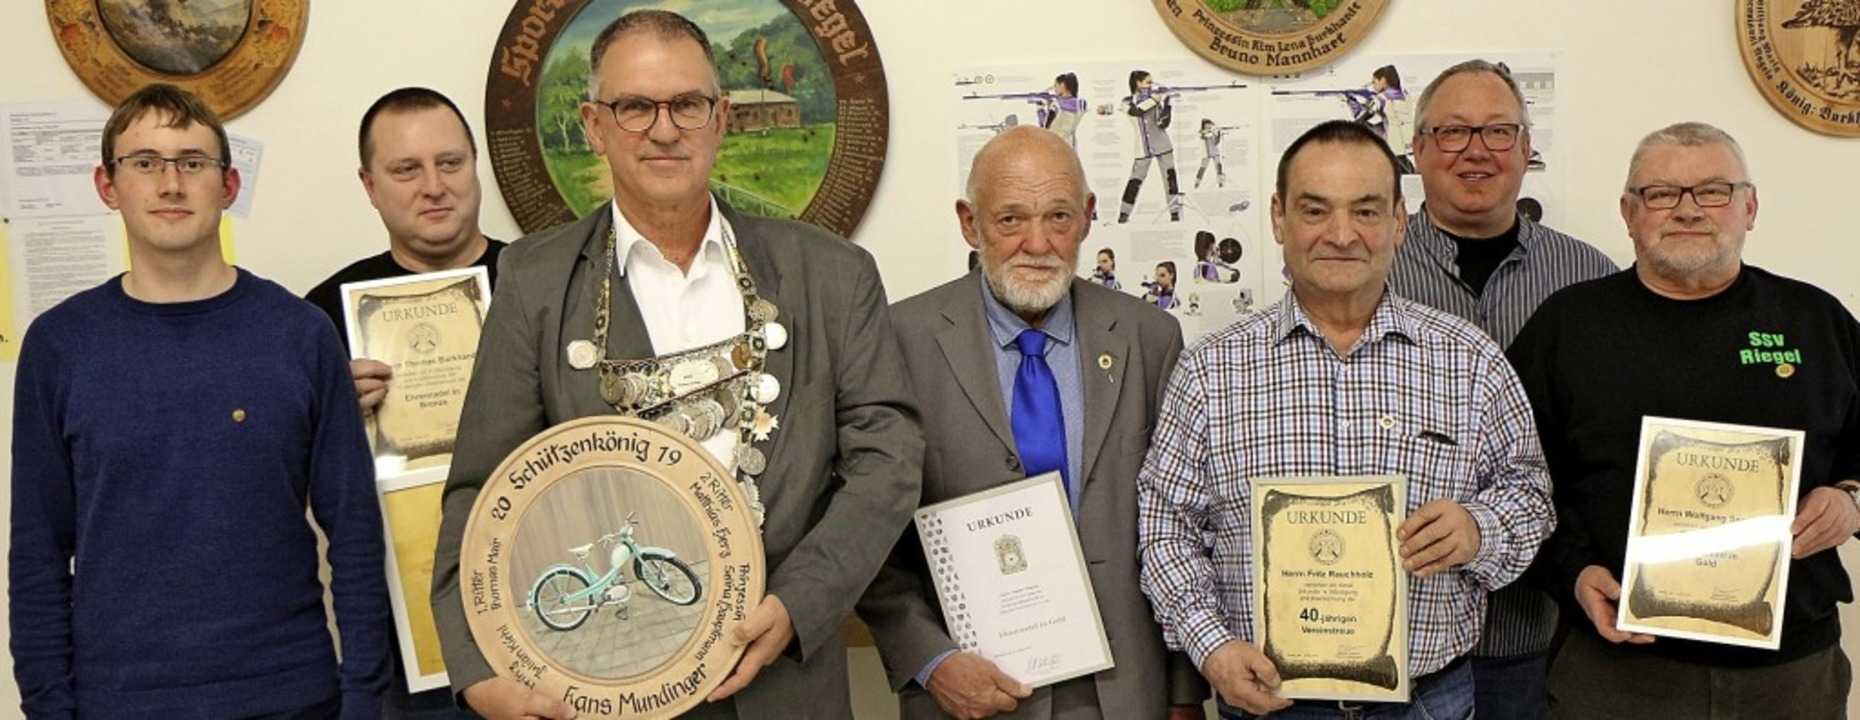 Vorsitzender Manfred Sexauer (l.) mit ...ns Mundinger (3. von l.) und Geehrten   | Foto: H. Hassler